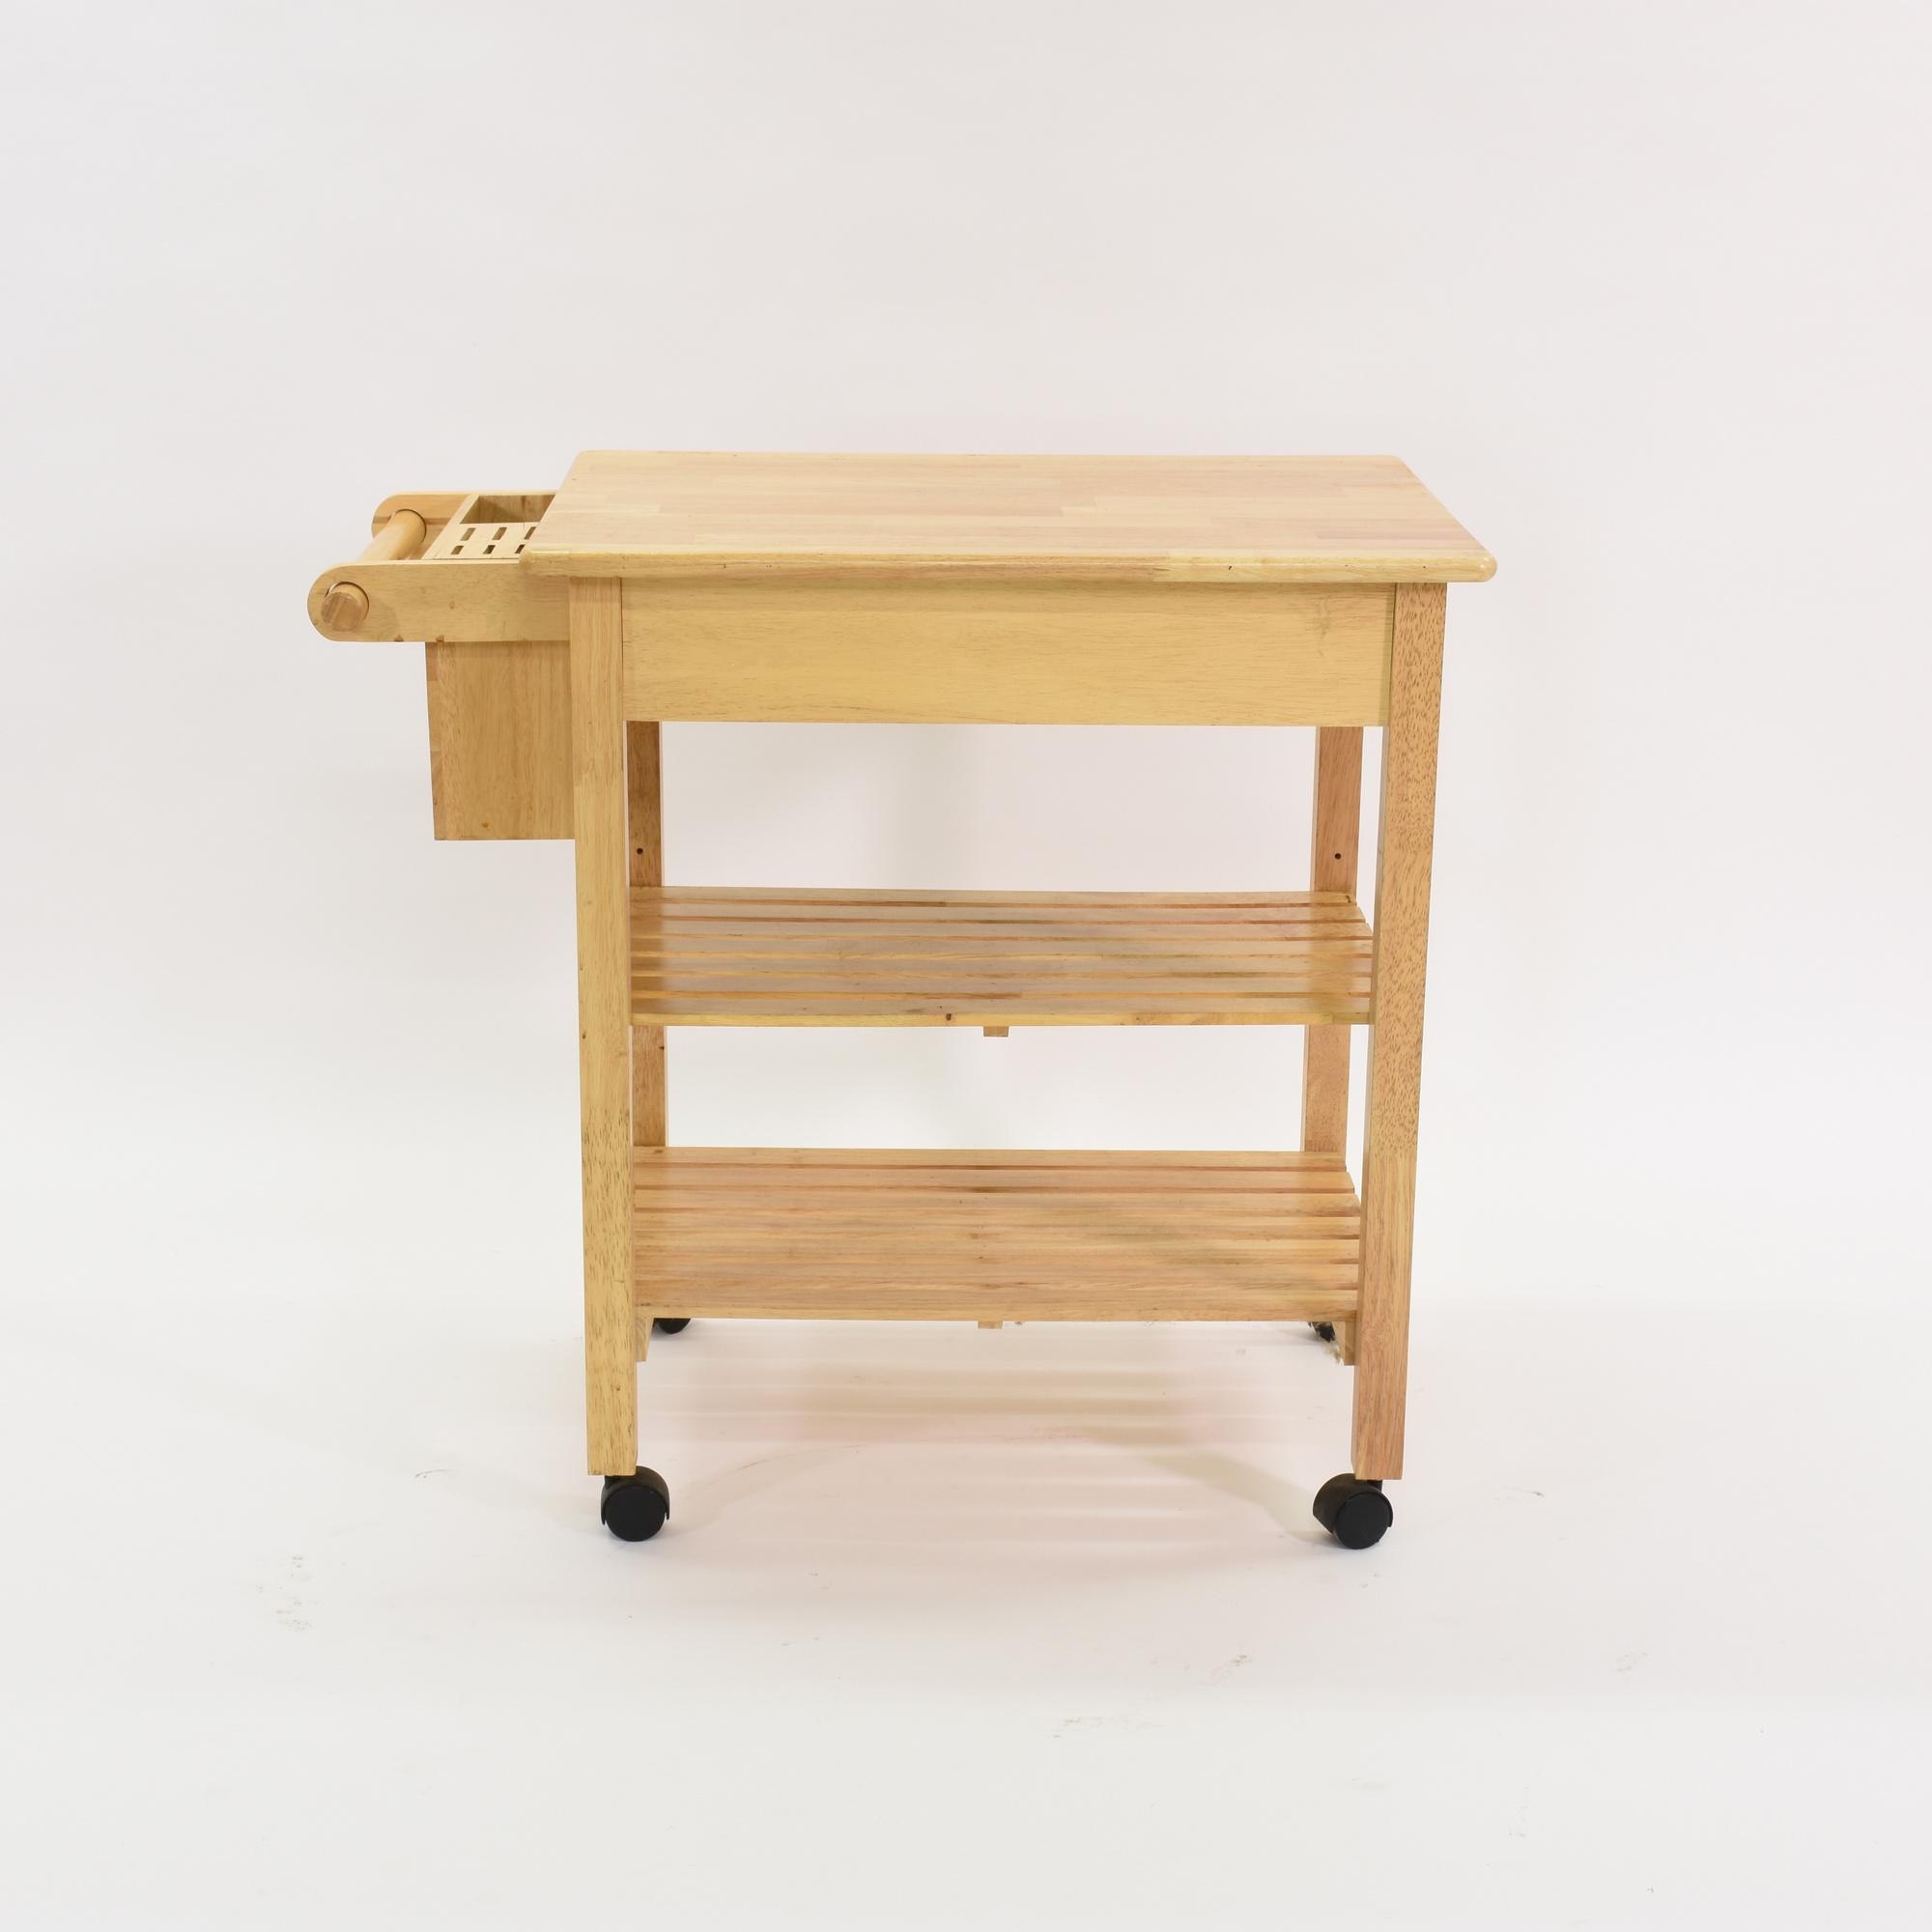 portable kitchen island w storage in pine loveseat